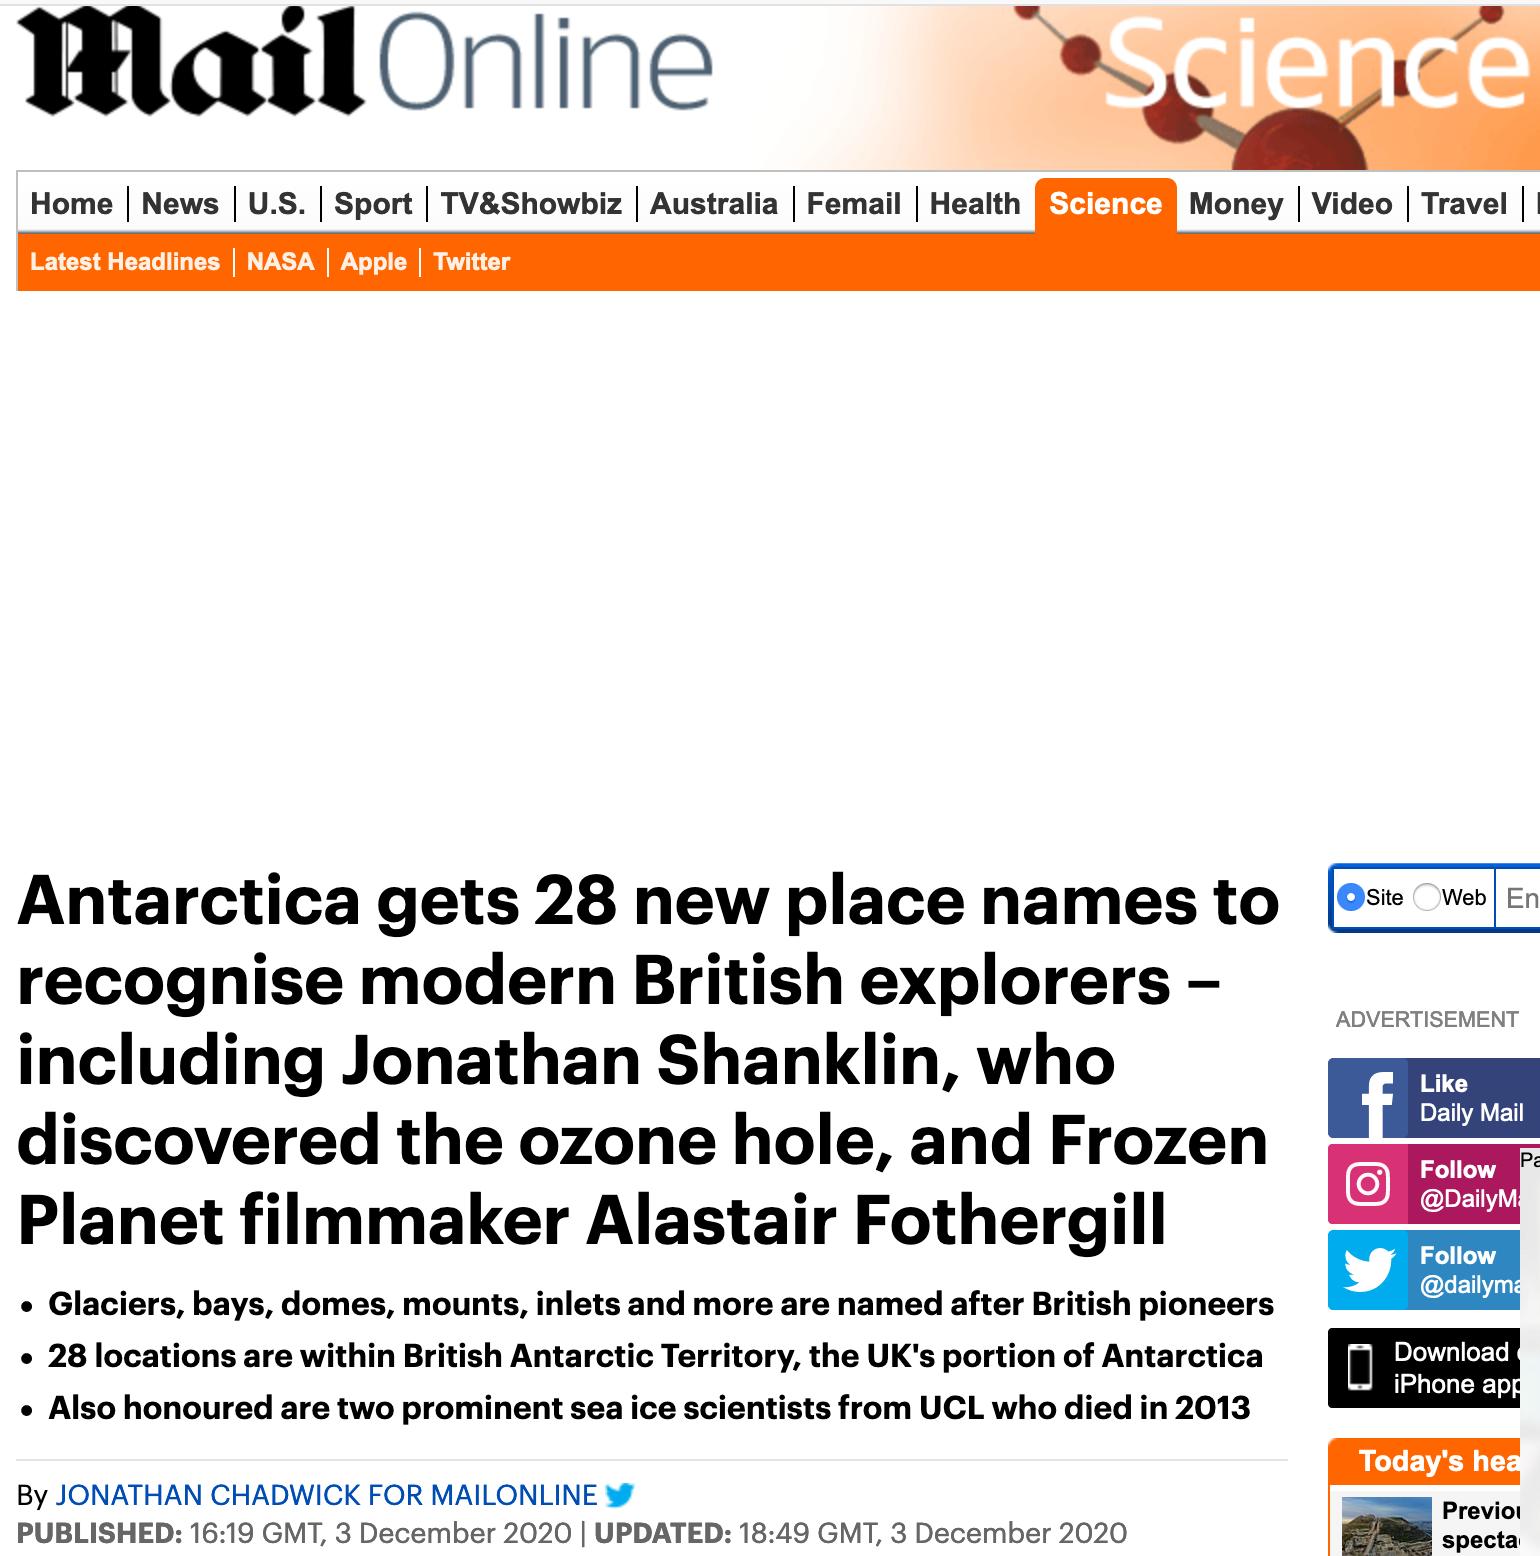 L'annonce de l'opération de place naming par Mail Online section Science, qui met en avant la nationalité des personnalités et leur notoriété au Royaume Uni